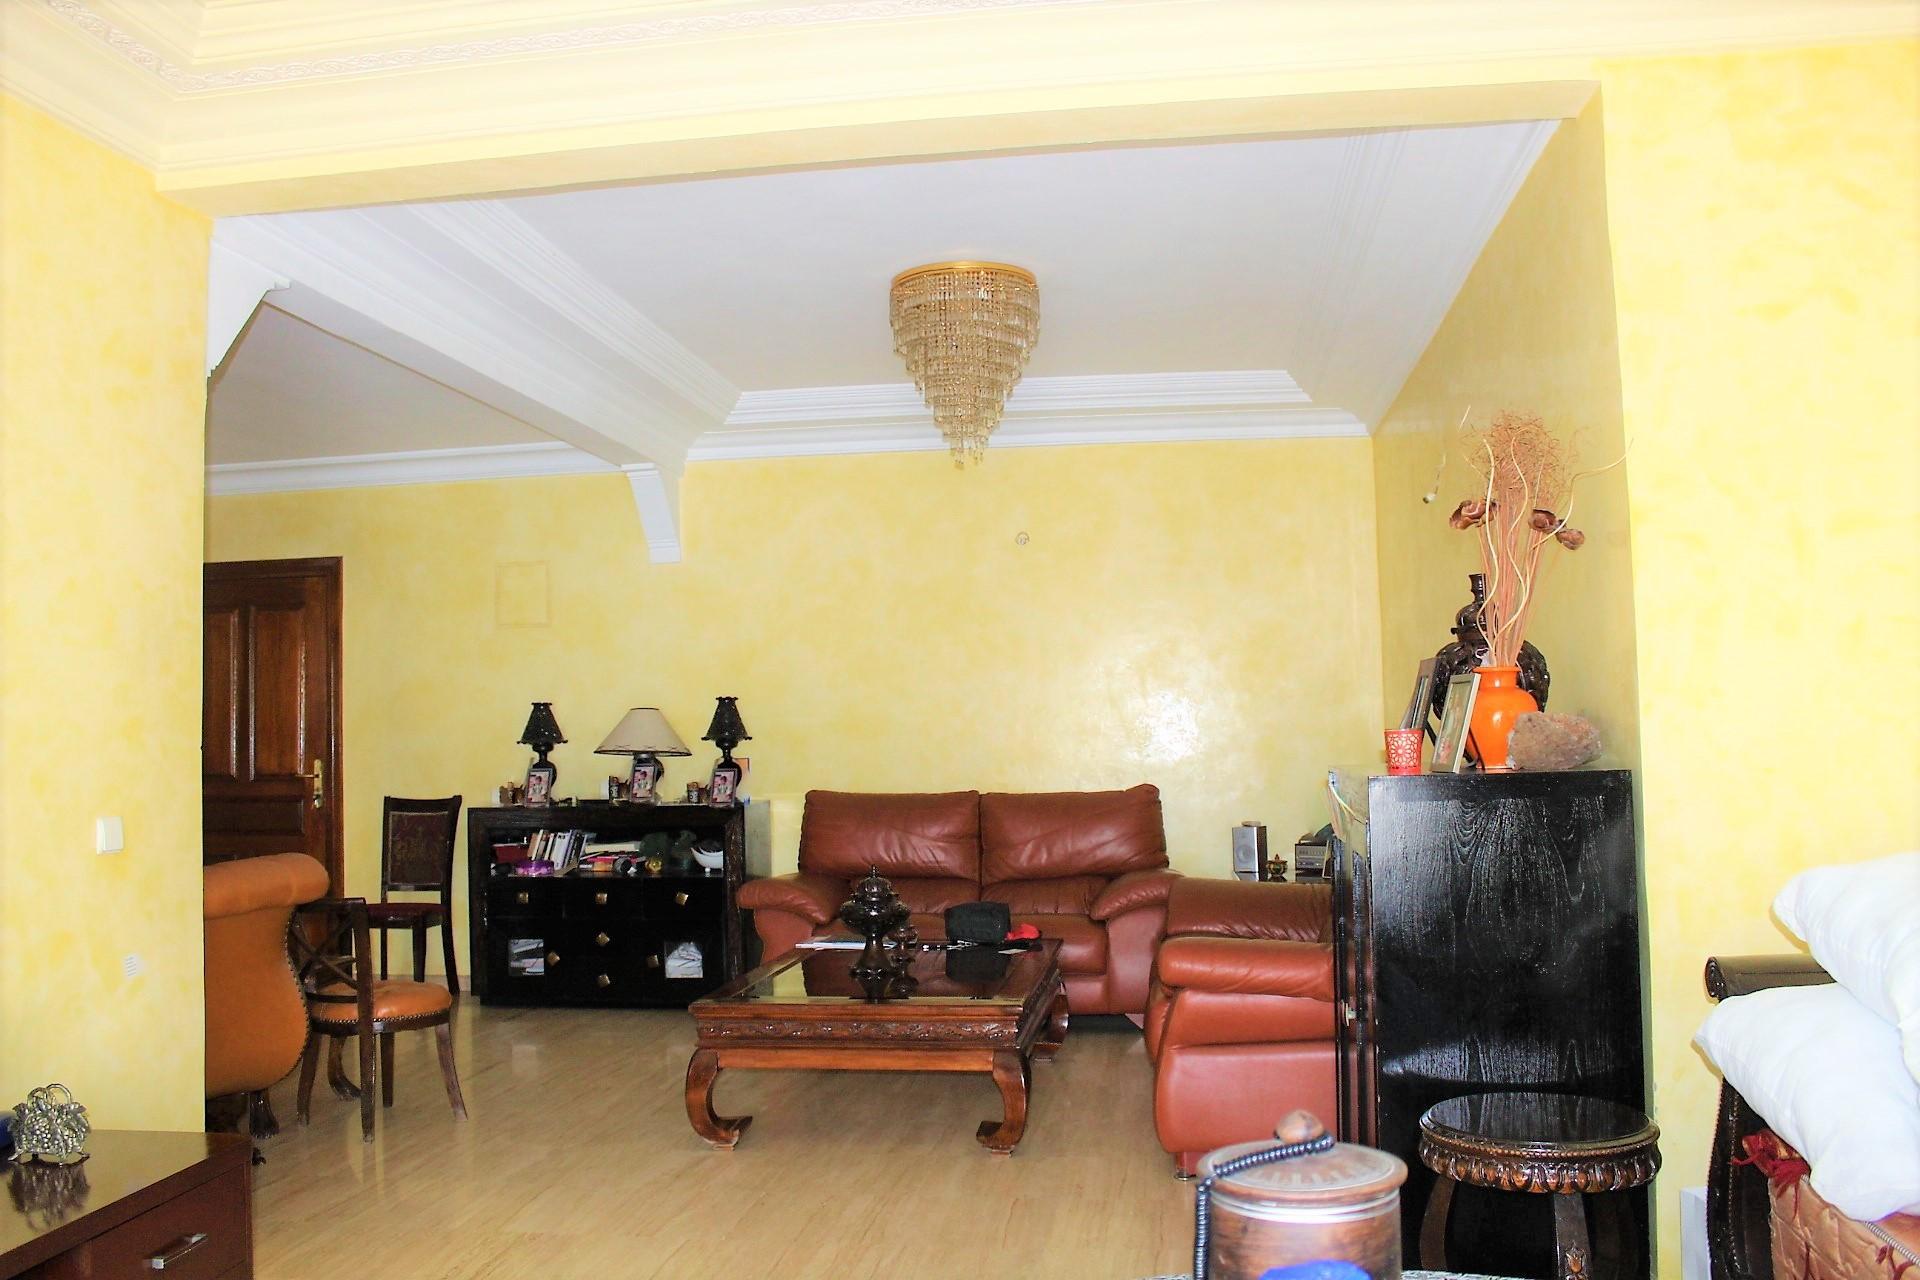 Maroc, Casablanca, Maarif extension belle affaire à ne pas manquer! Vente d'appartement de 242 m² à petit prix